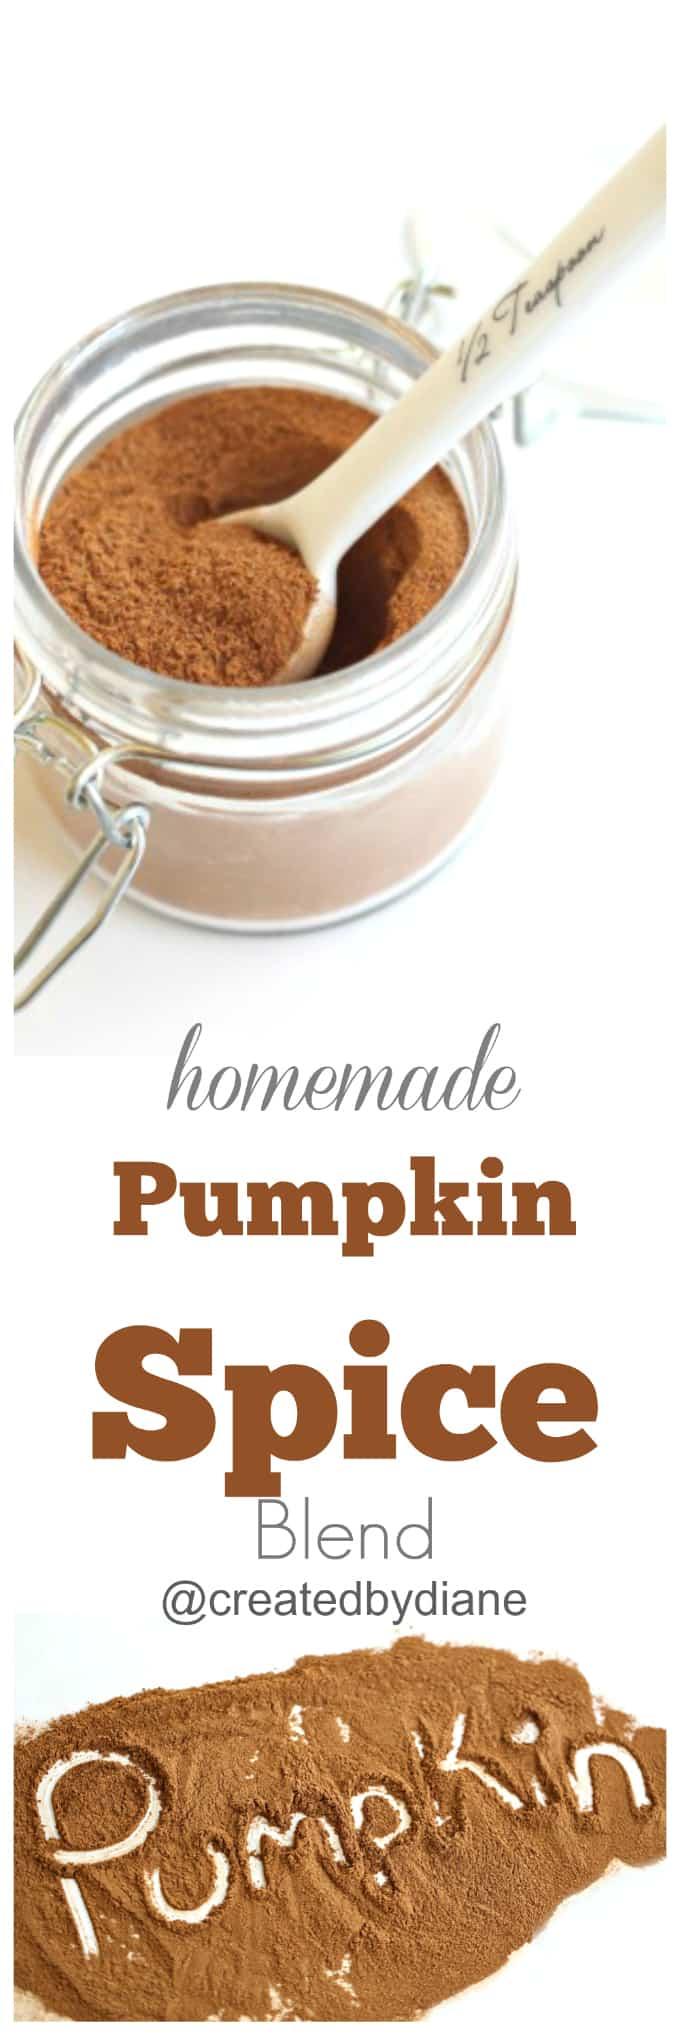 homemade pumpkin spice blend @createdbydiane